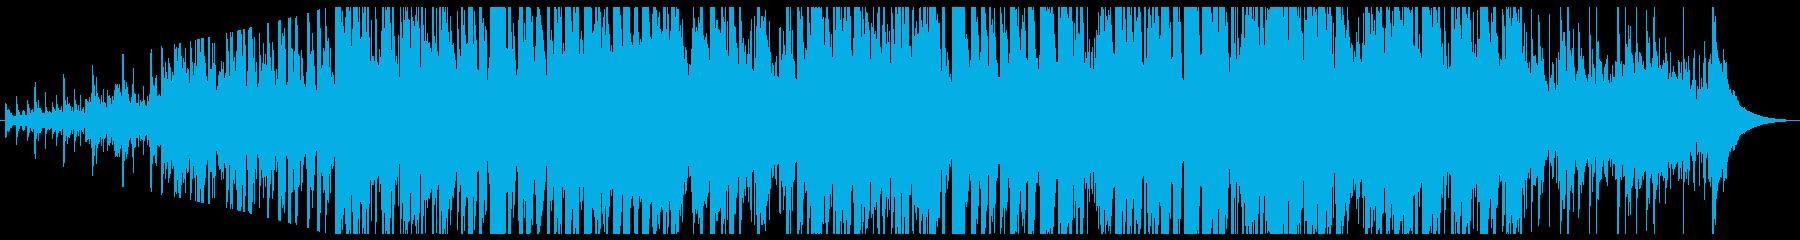 民謡 淡々 木製ギターの再生済みの波形